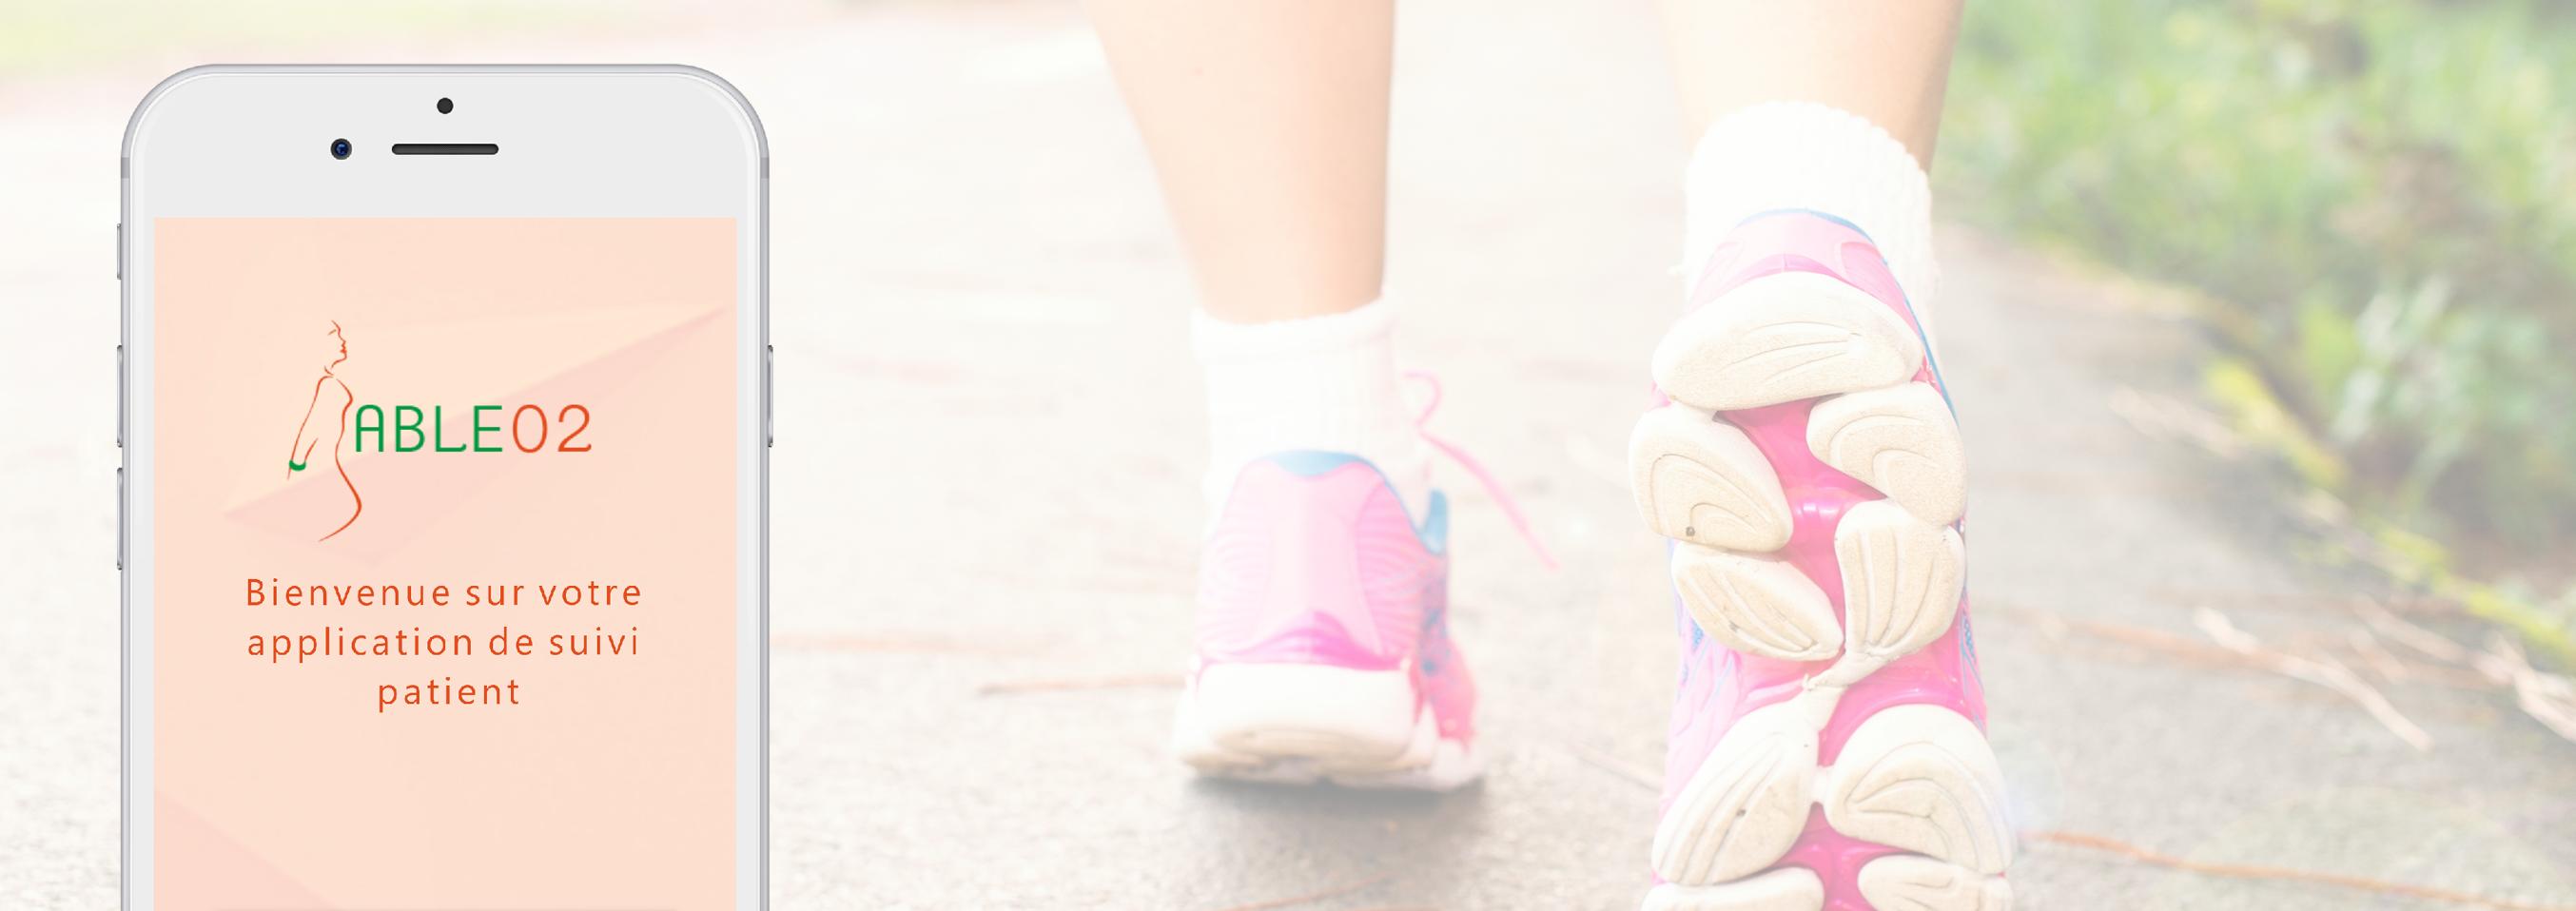 Cancer du sein métastatique : l'activité physique est-elle bénéfique ?